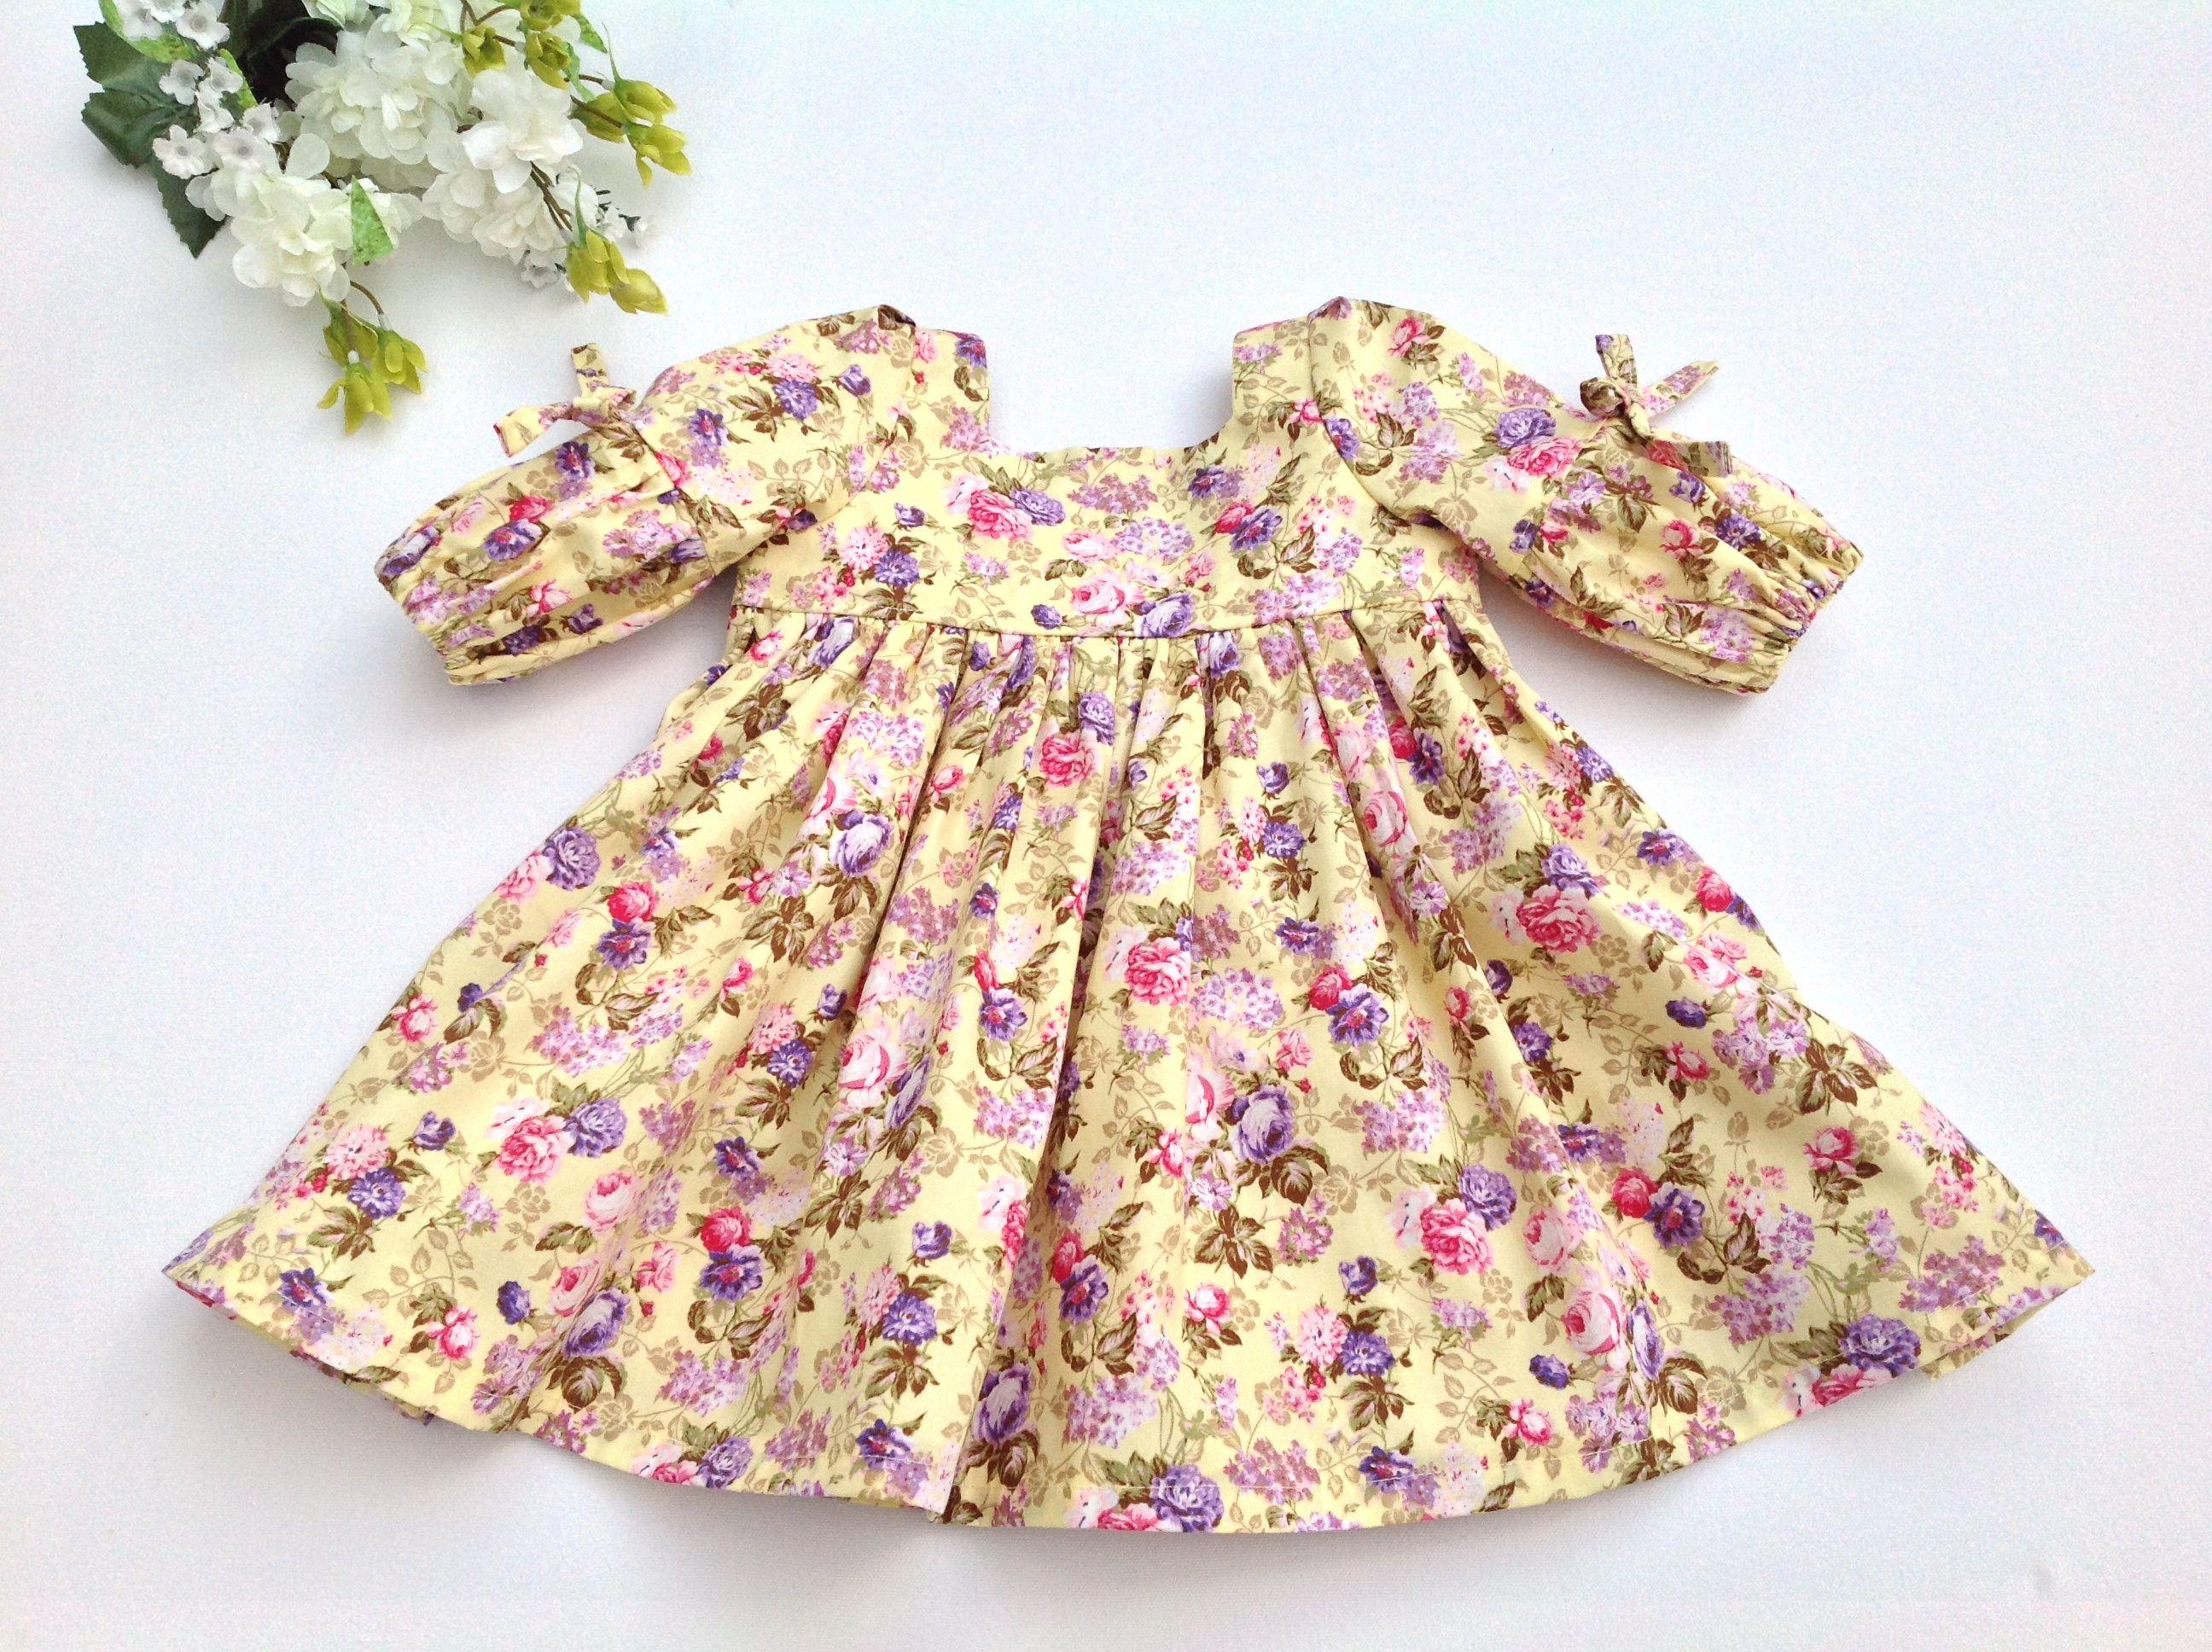 Vintage Girls Dress  Audrey   Vintage Girl  67  Handmade Vintage  Vintage Handmade  Girl  Girls  Easter